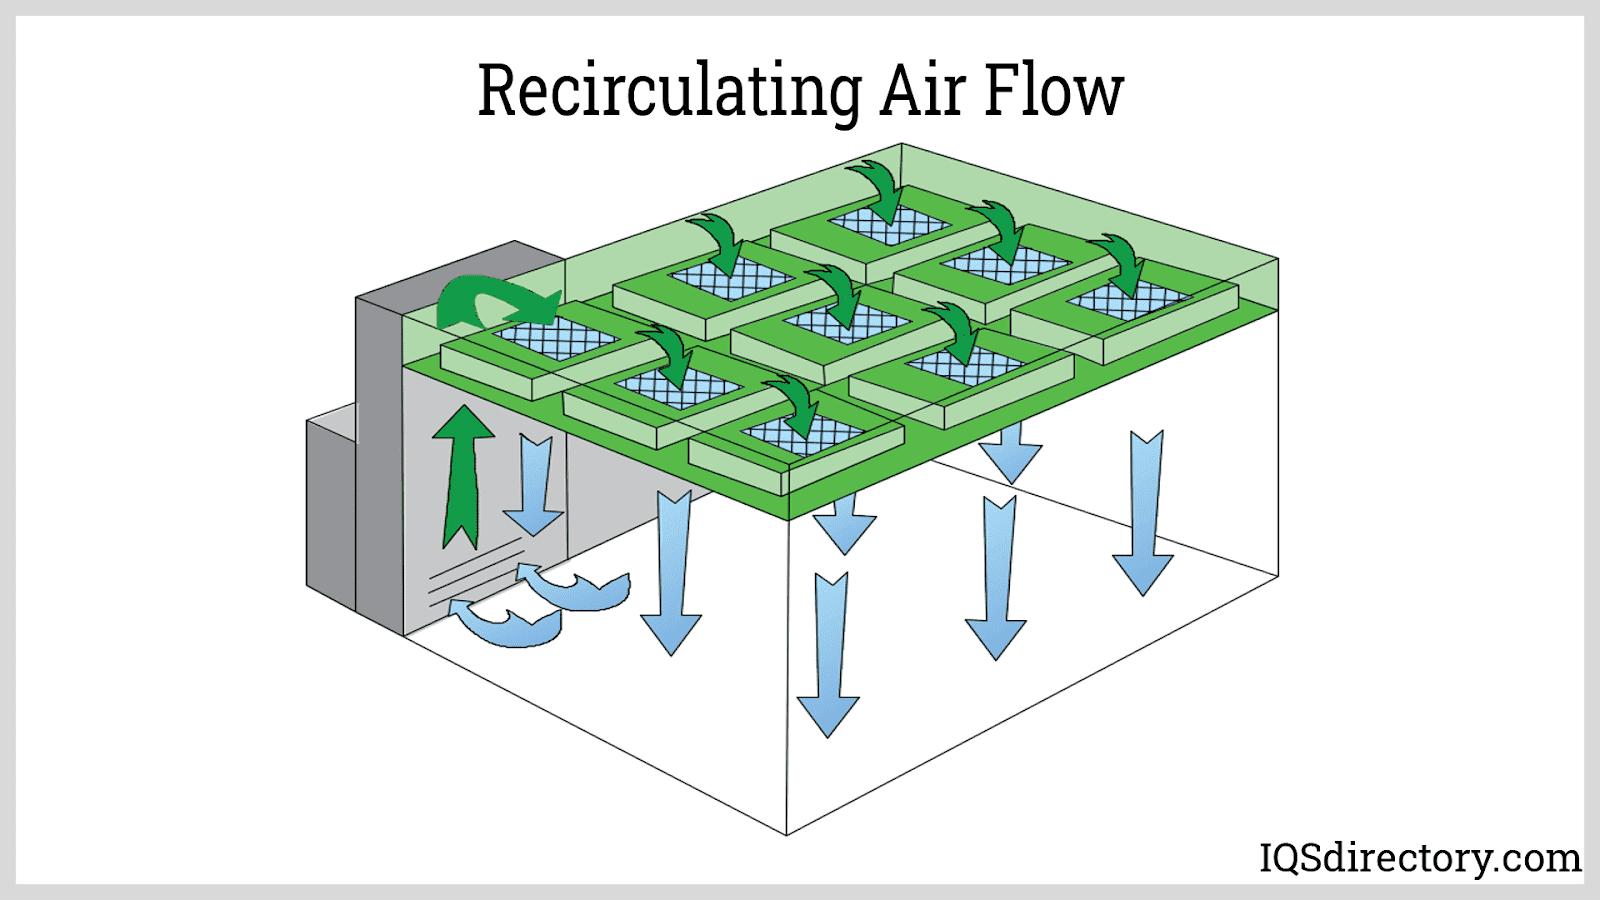 Recirculating Air Flow